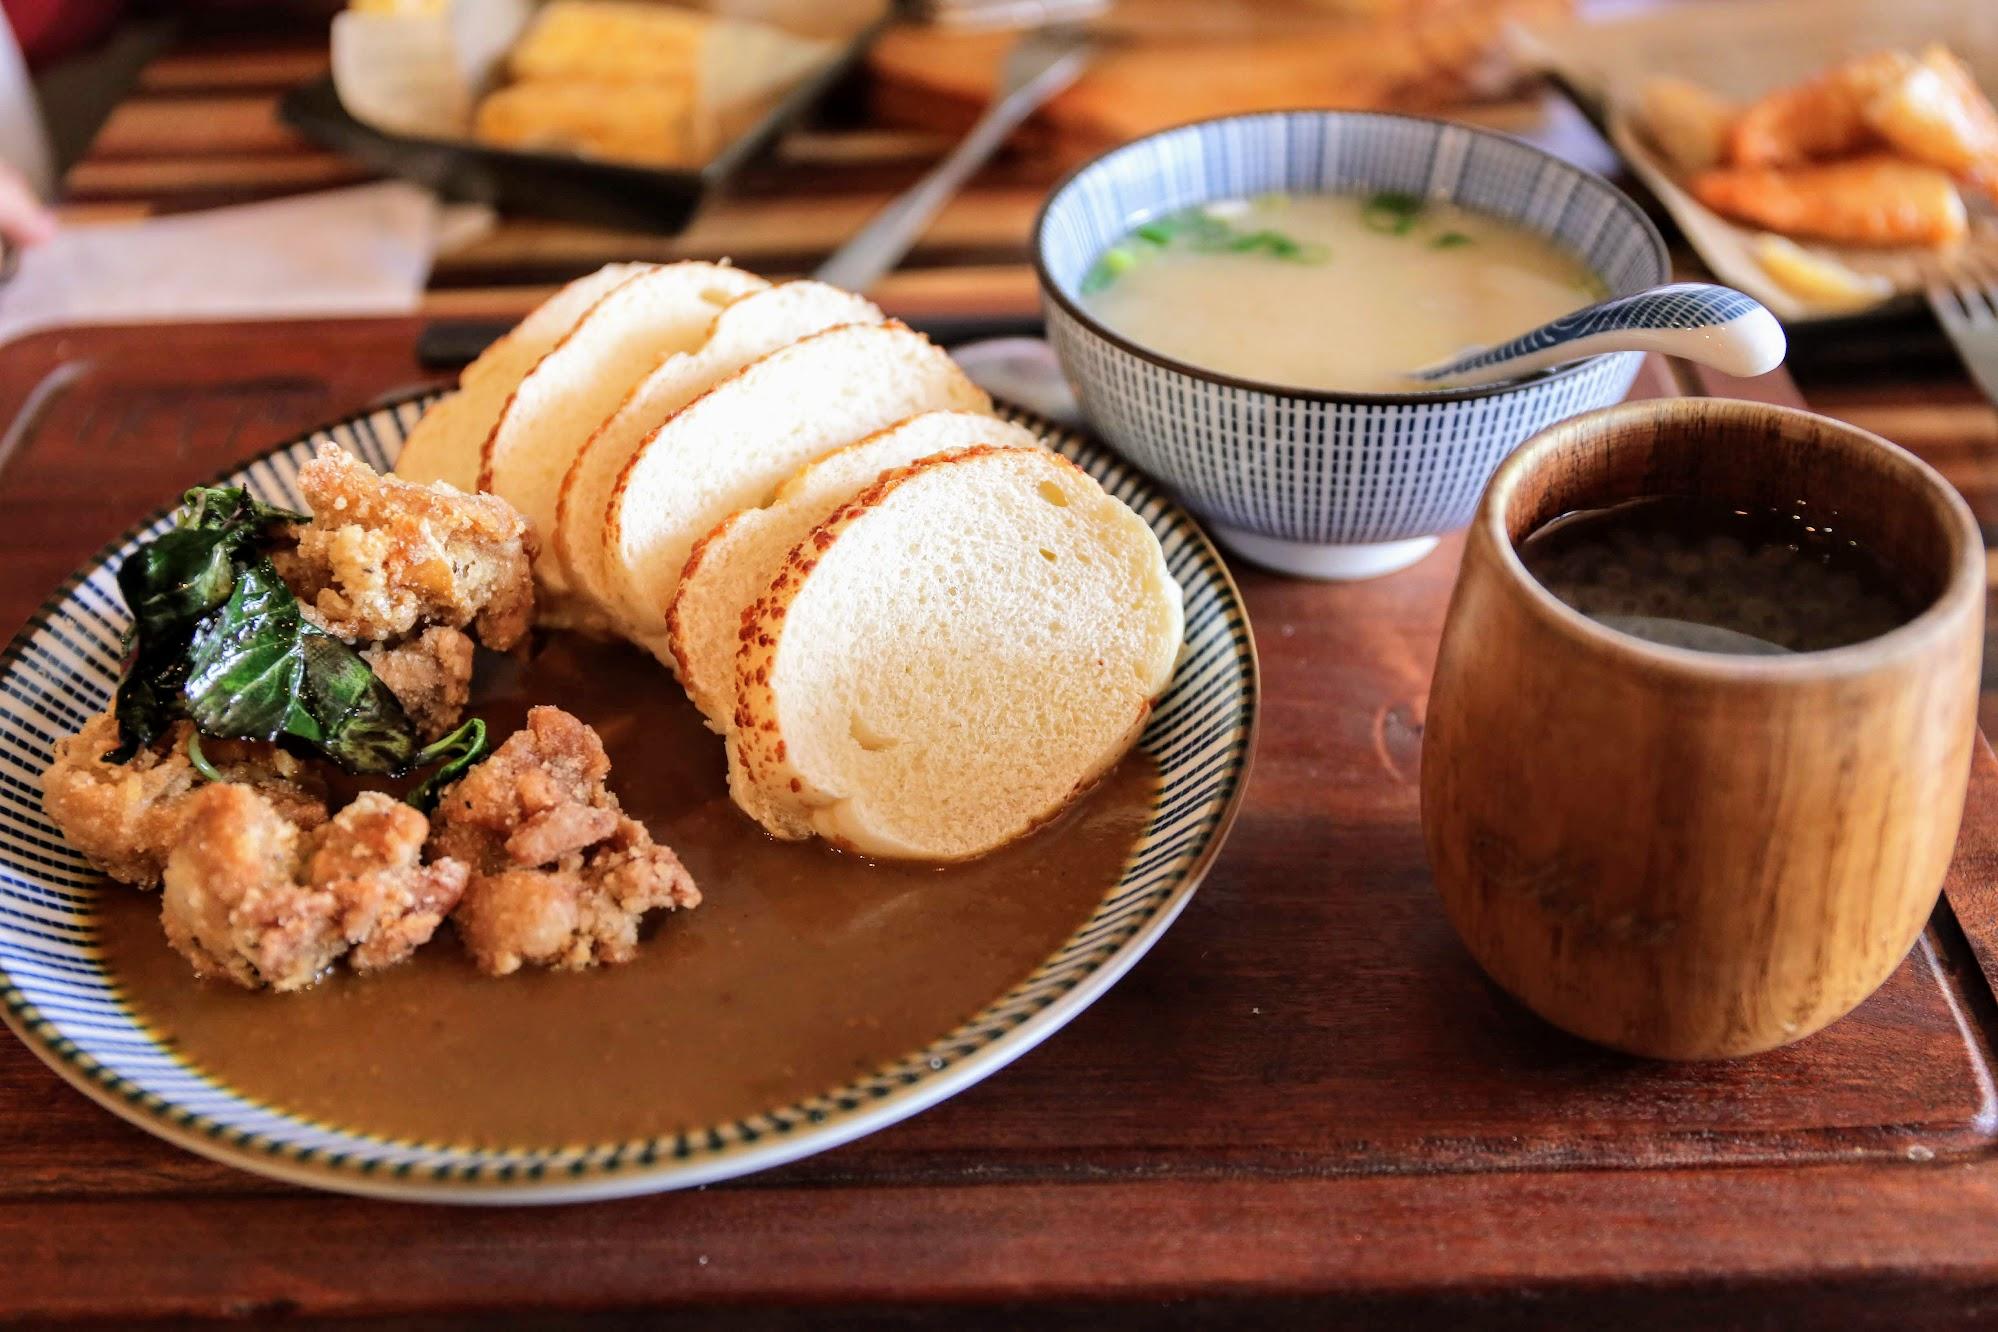 是黃咖哩,湯汁給得很多,沾著麵包吃頗讚的